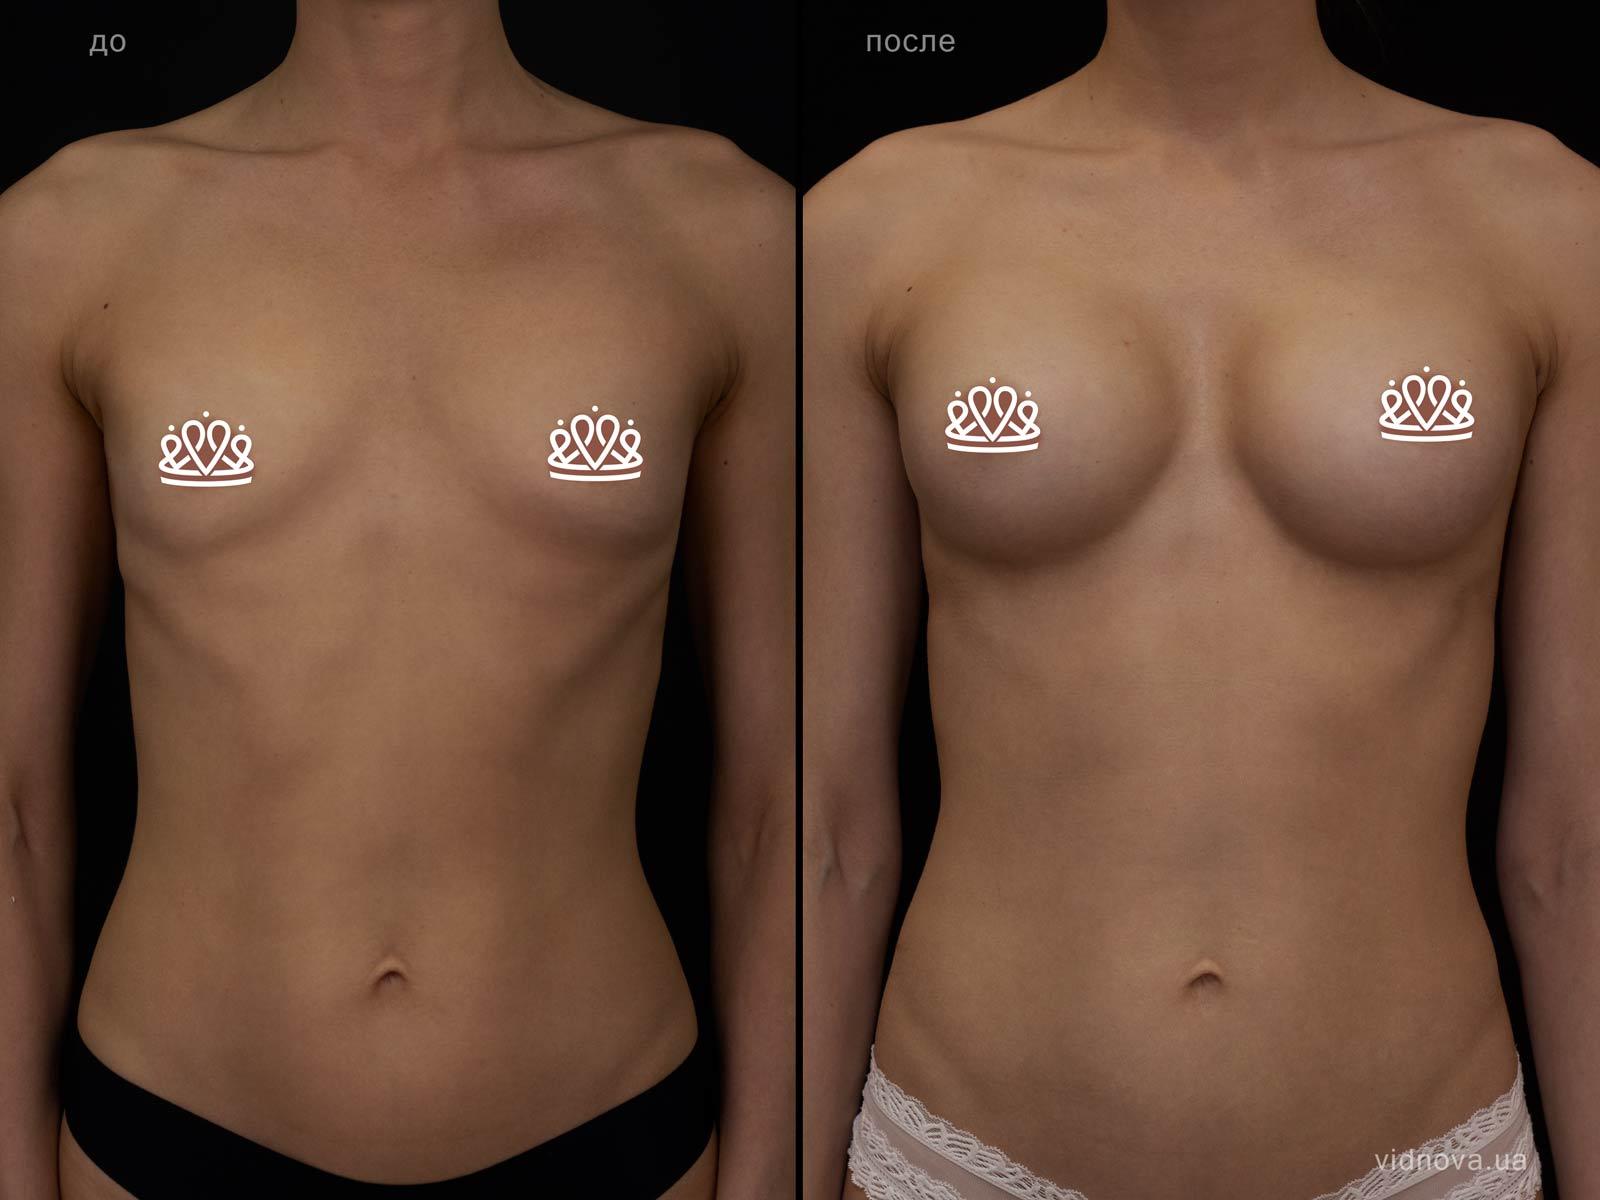 Пластика груди: результаты до и после - Пример №119-0 - Светлана Работенко